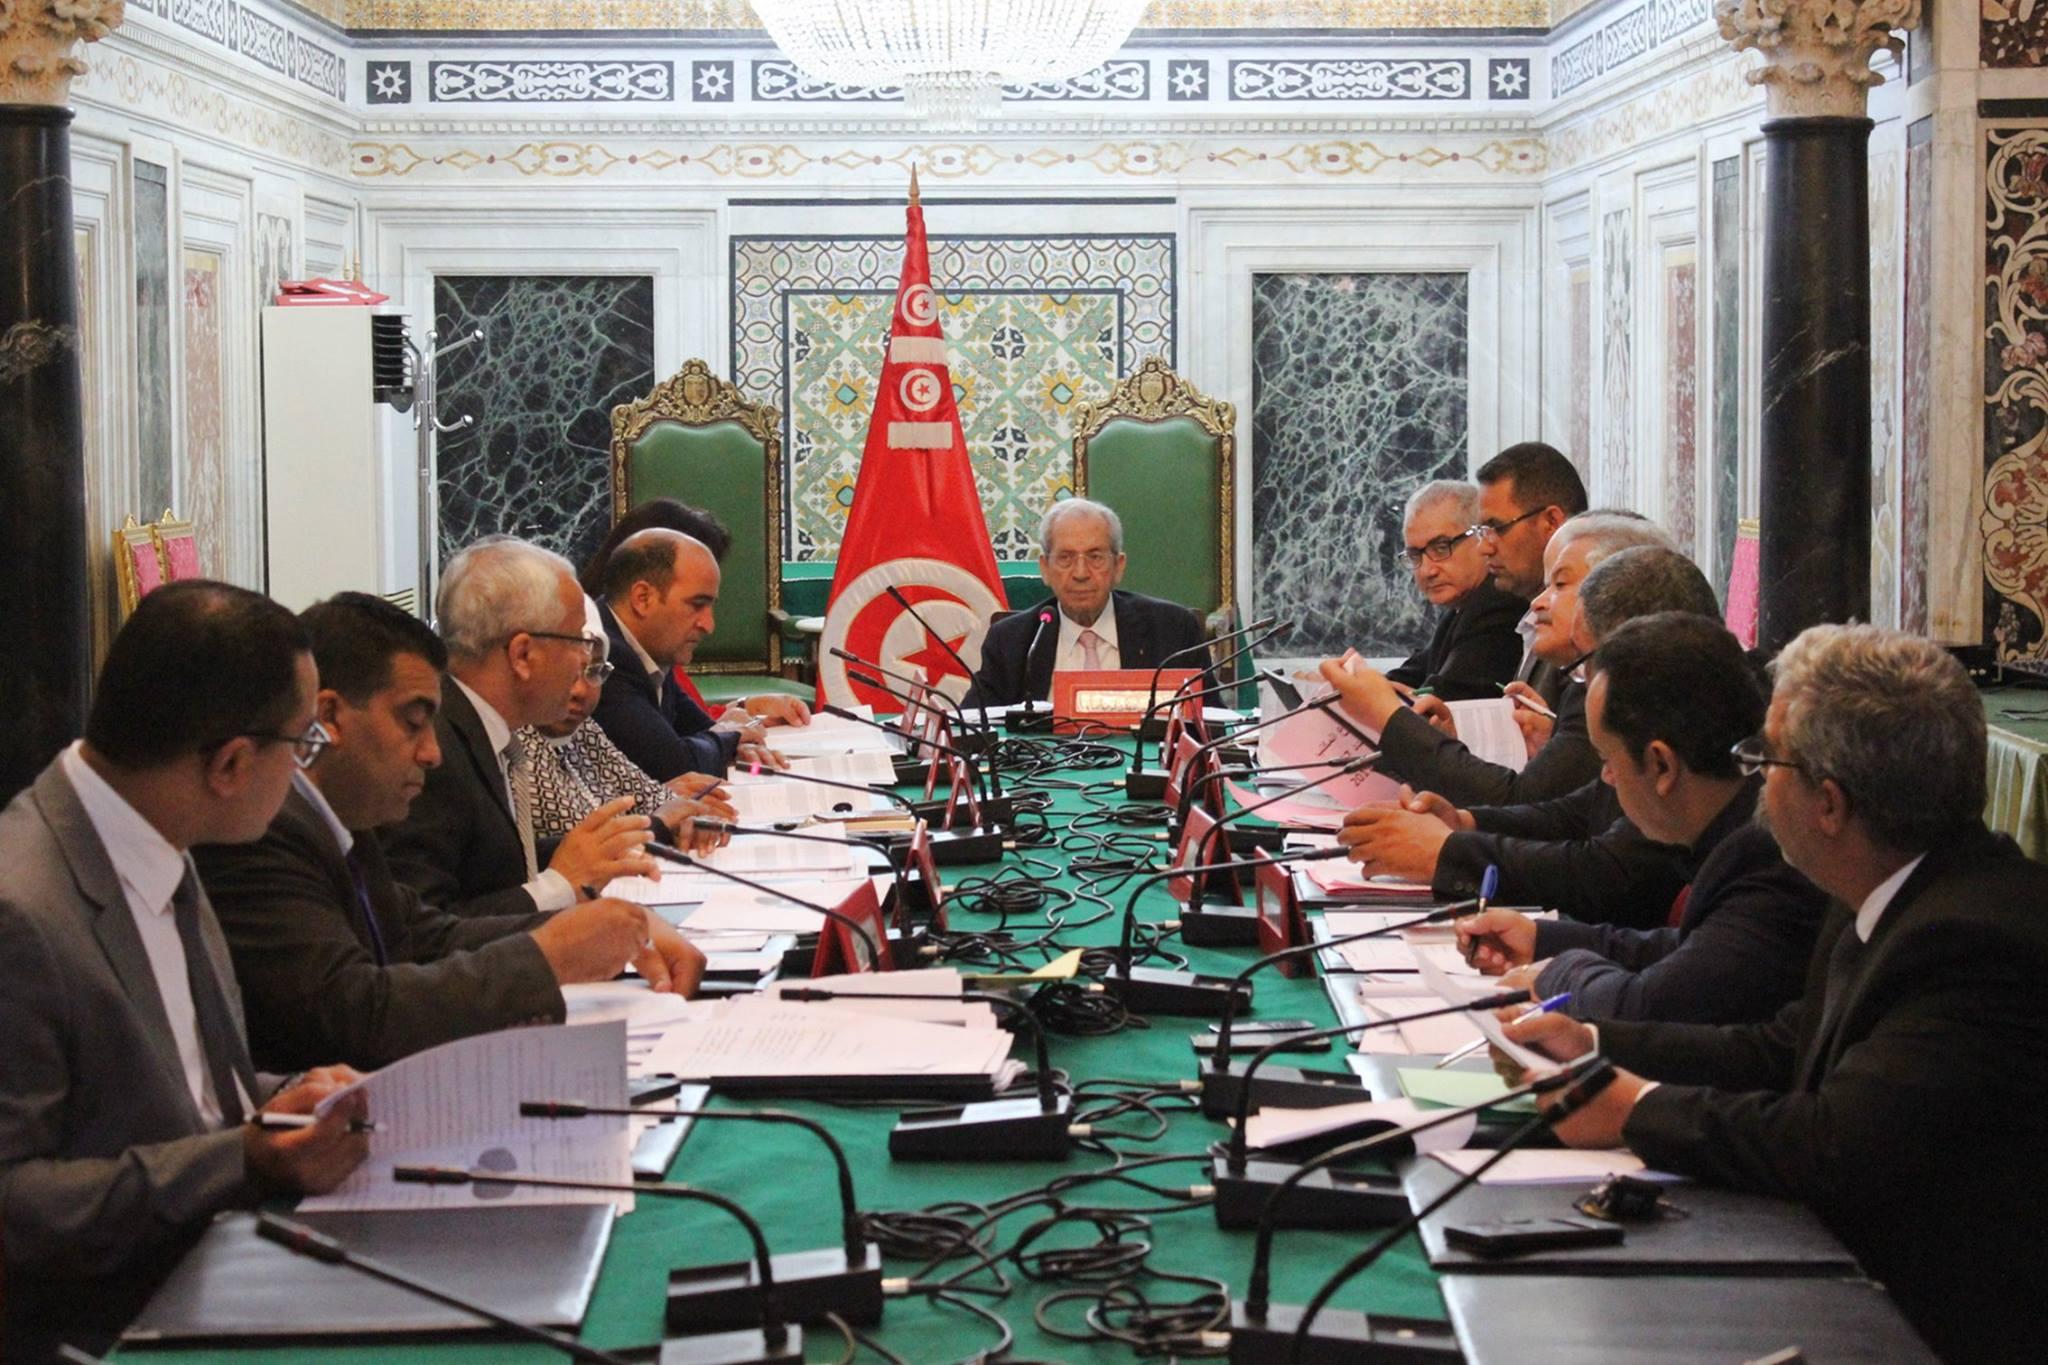 انتخاب أعضاء المحكمة الدستورية : رؤساء الكتل يبحثون عن توافق